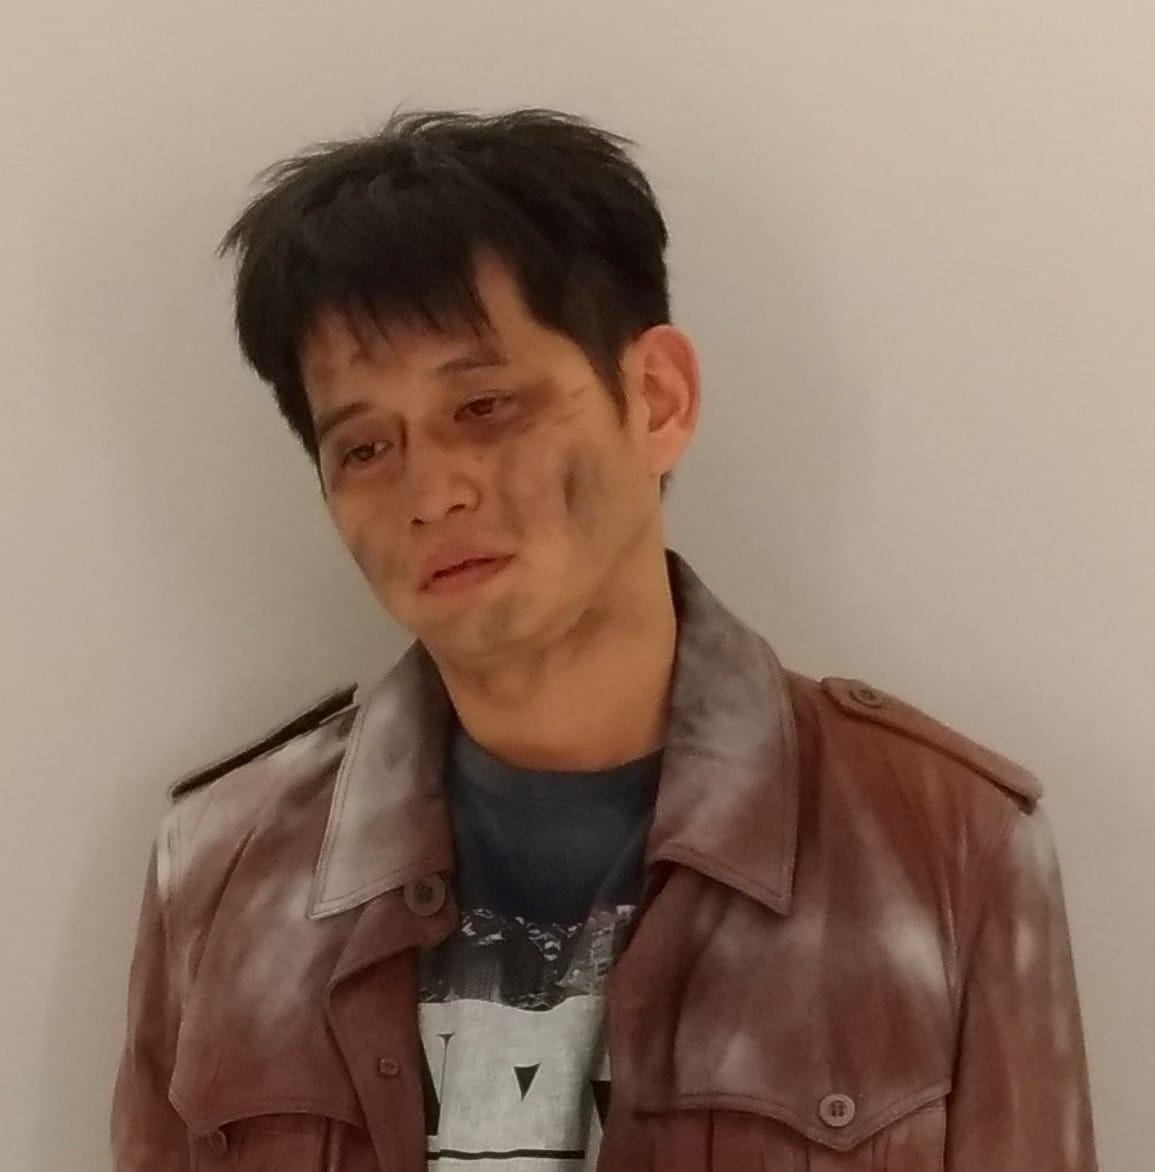 照片:10/21引航人 劉恩豪